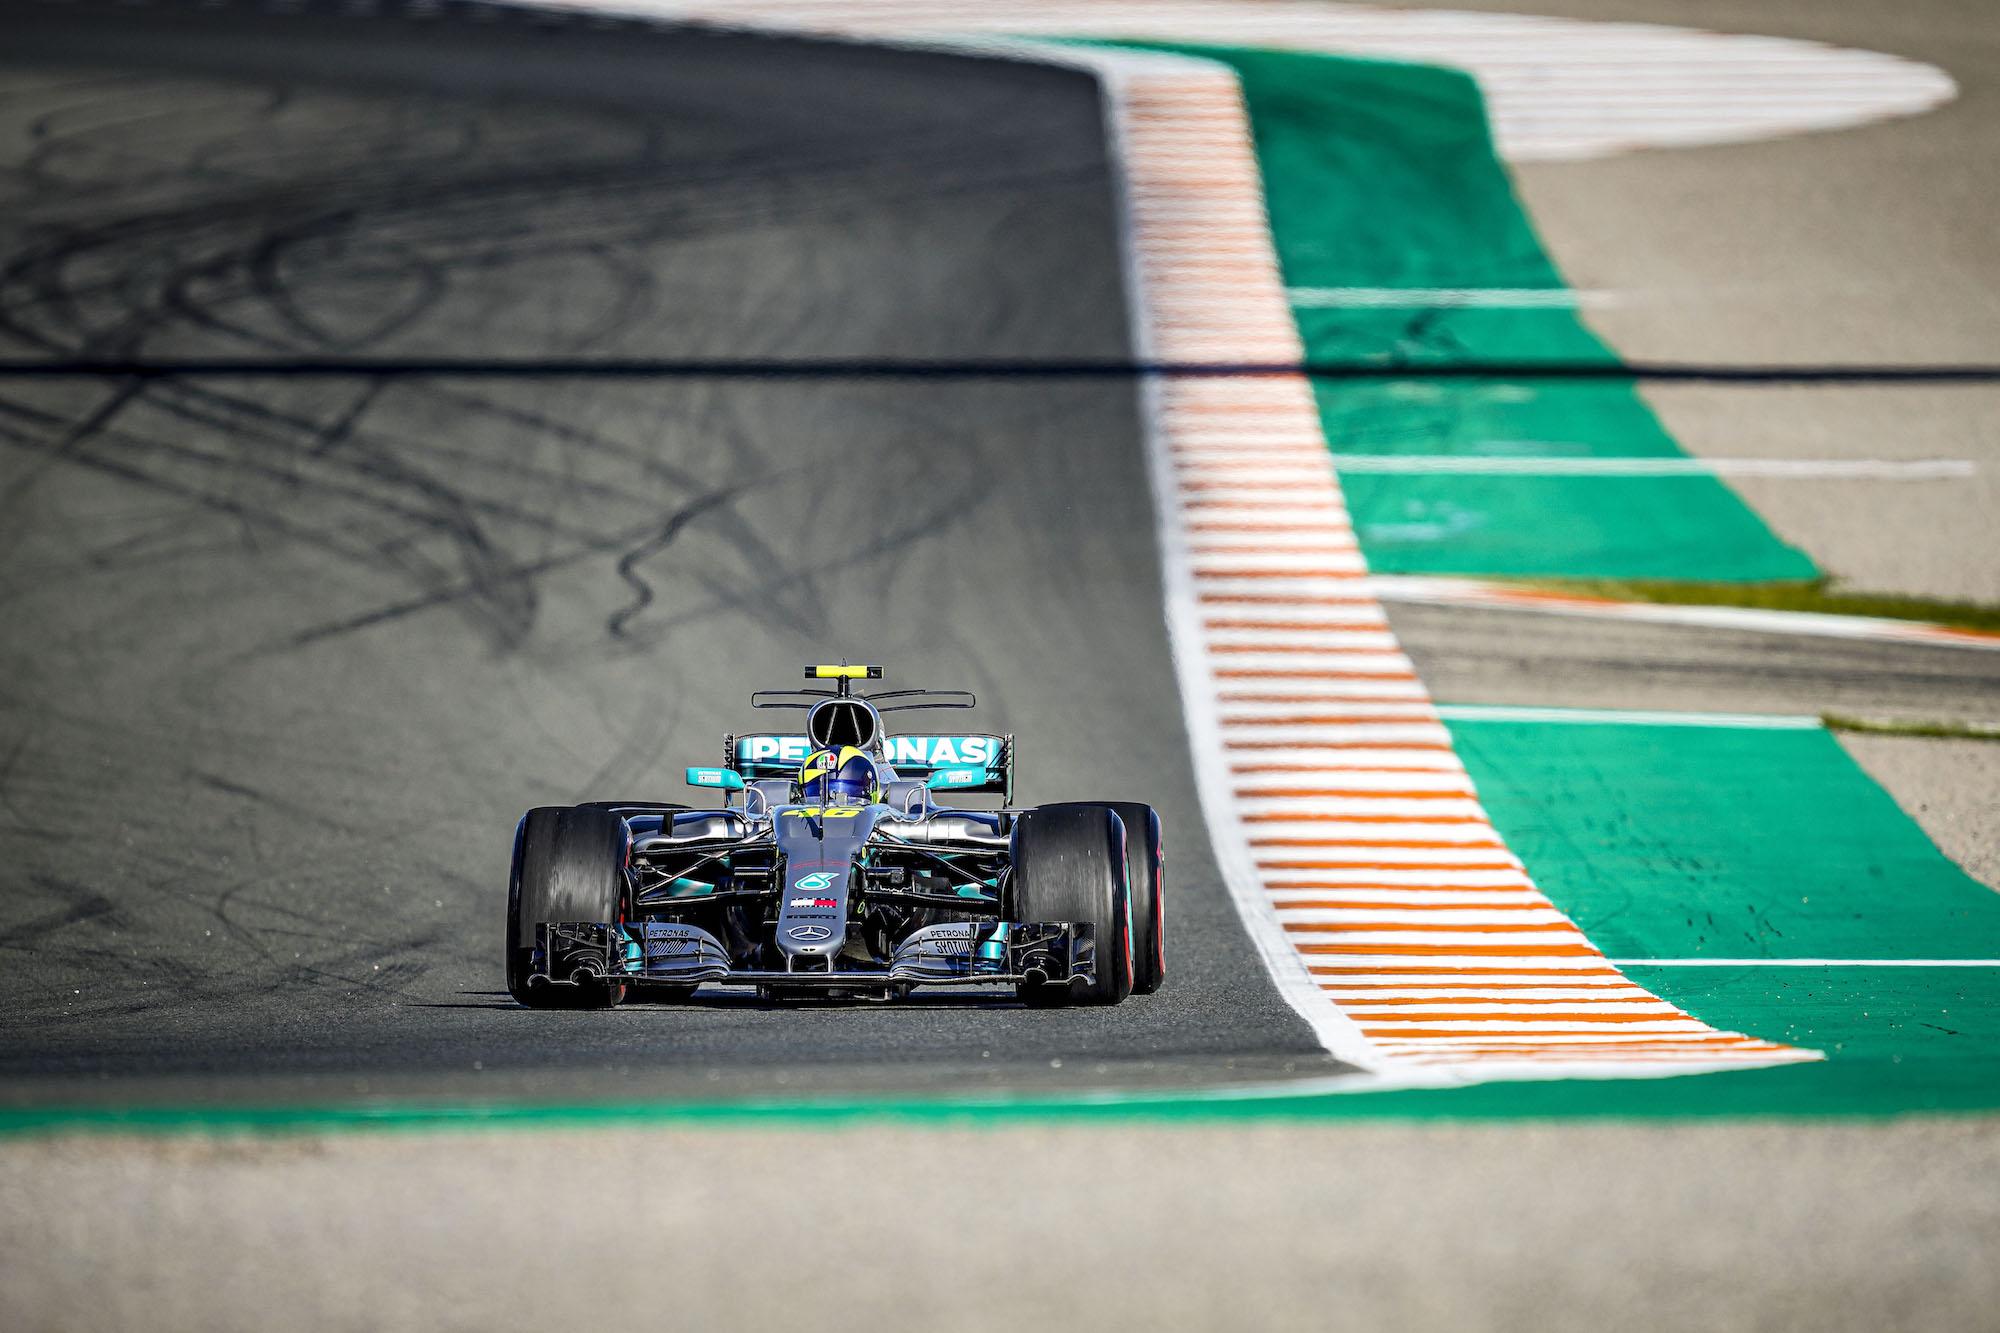 Scambio Rossi - Hamilton, Valencia 2019